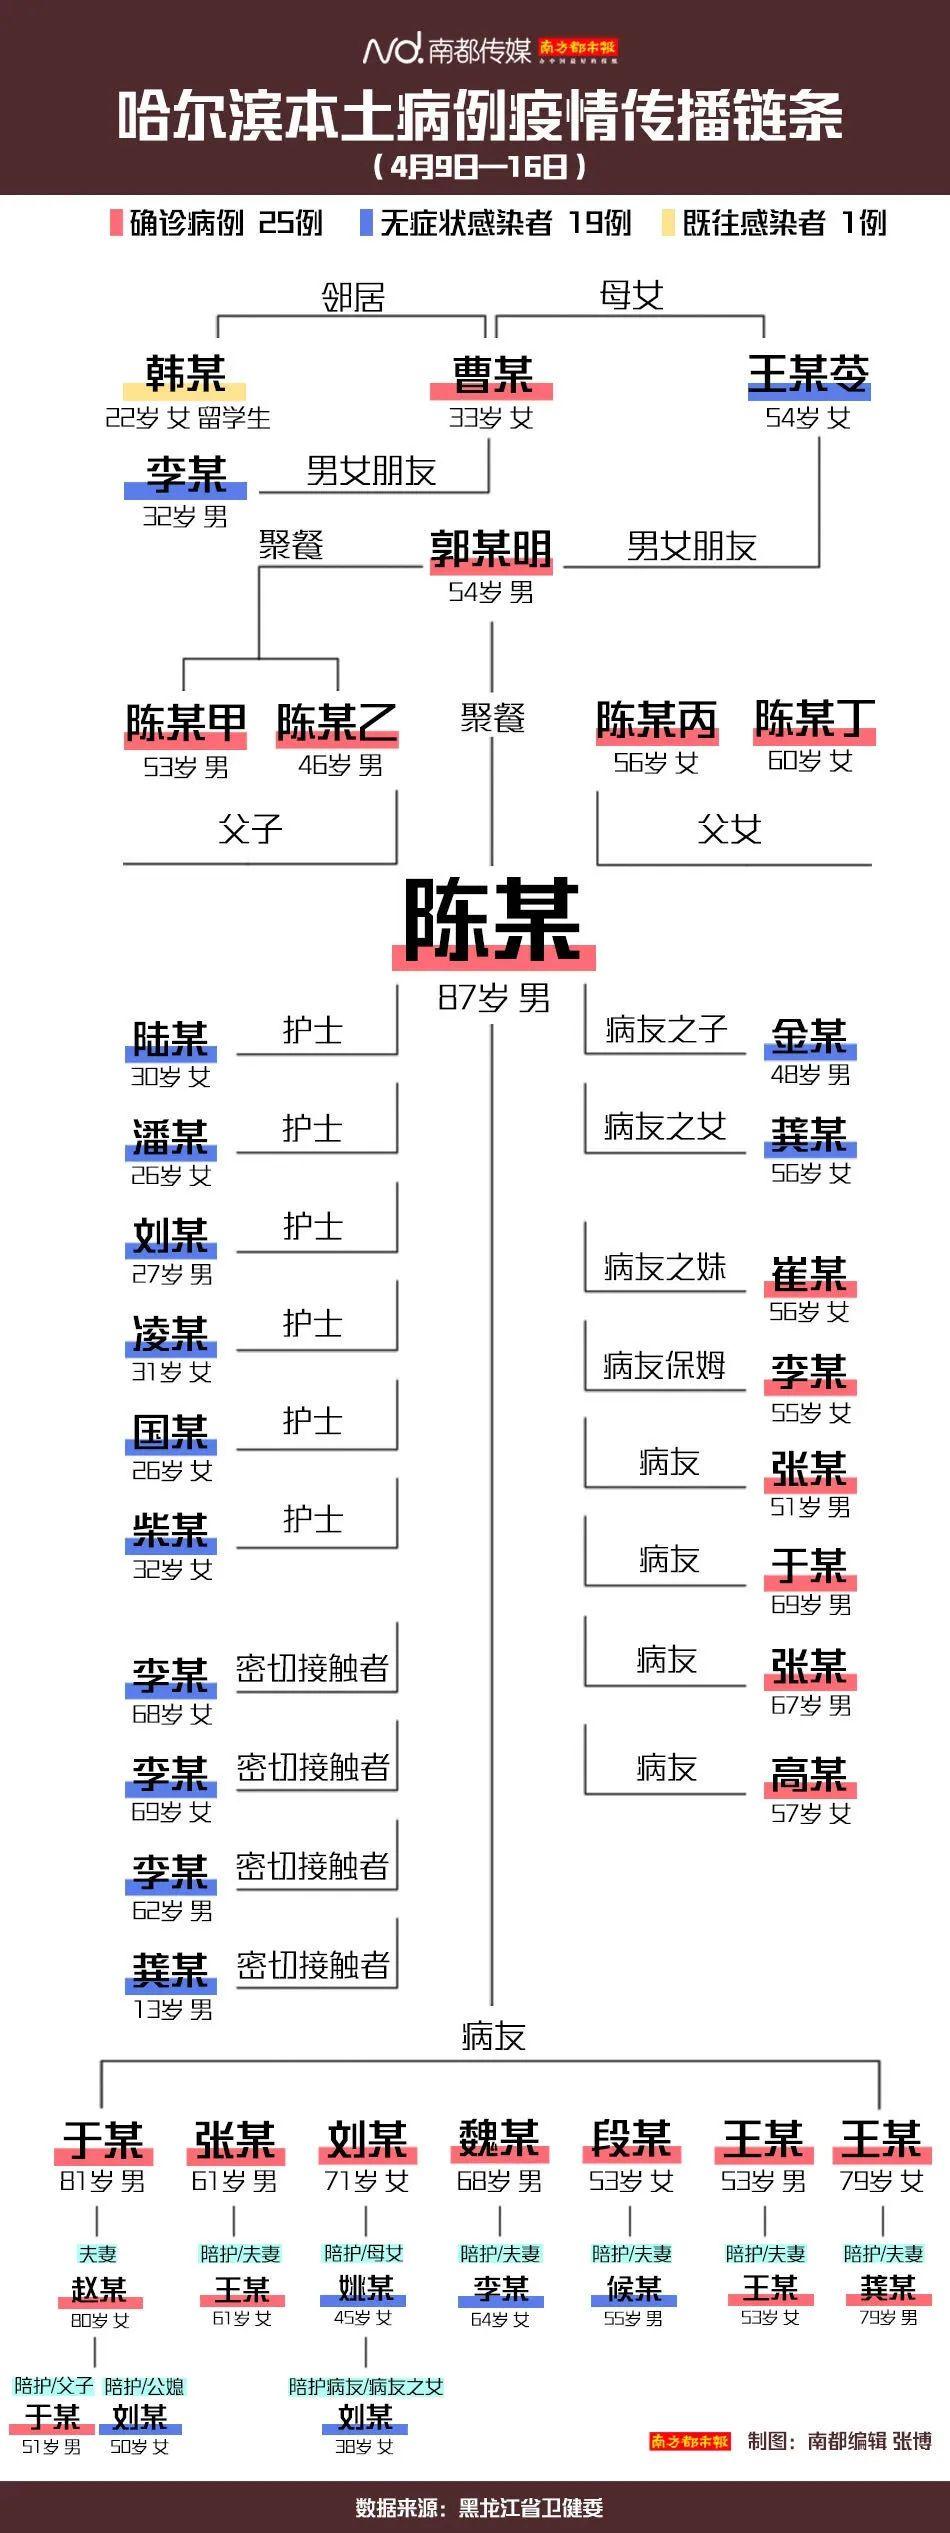 【杏鑫】哈尔滨杏鑫失守是偶然吗图片